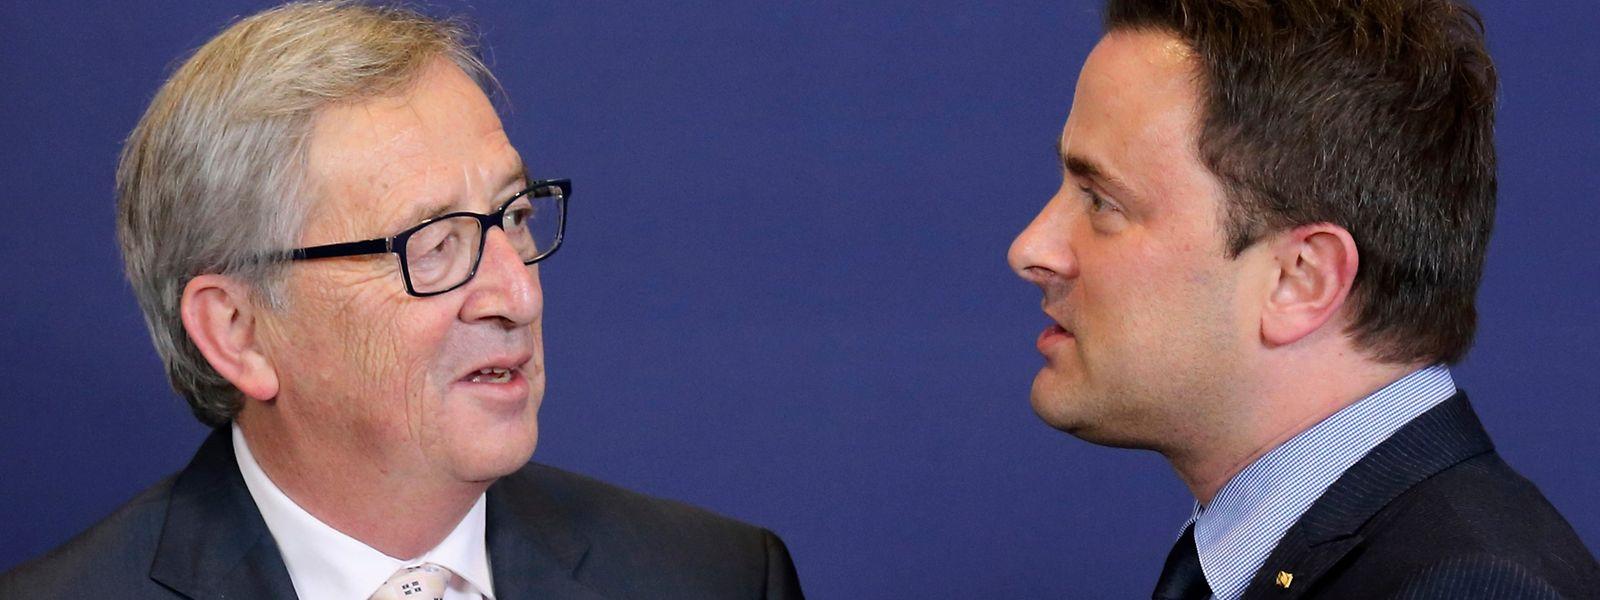 O presidente da Comissão Europeia Jean-Claude Juncker e o primeiro-ministro Xavier Bettel.